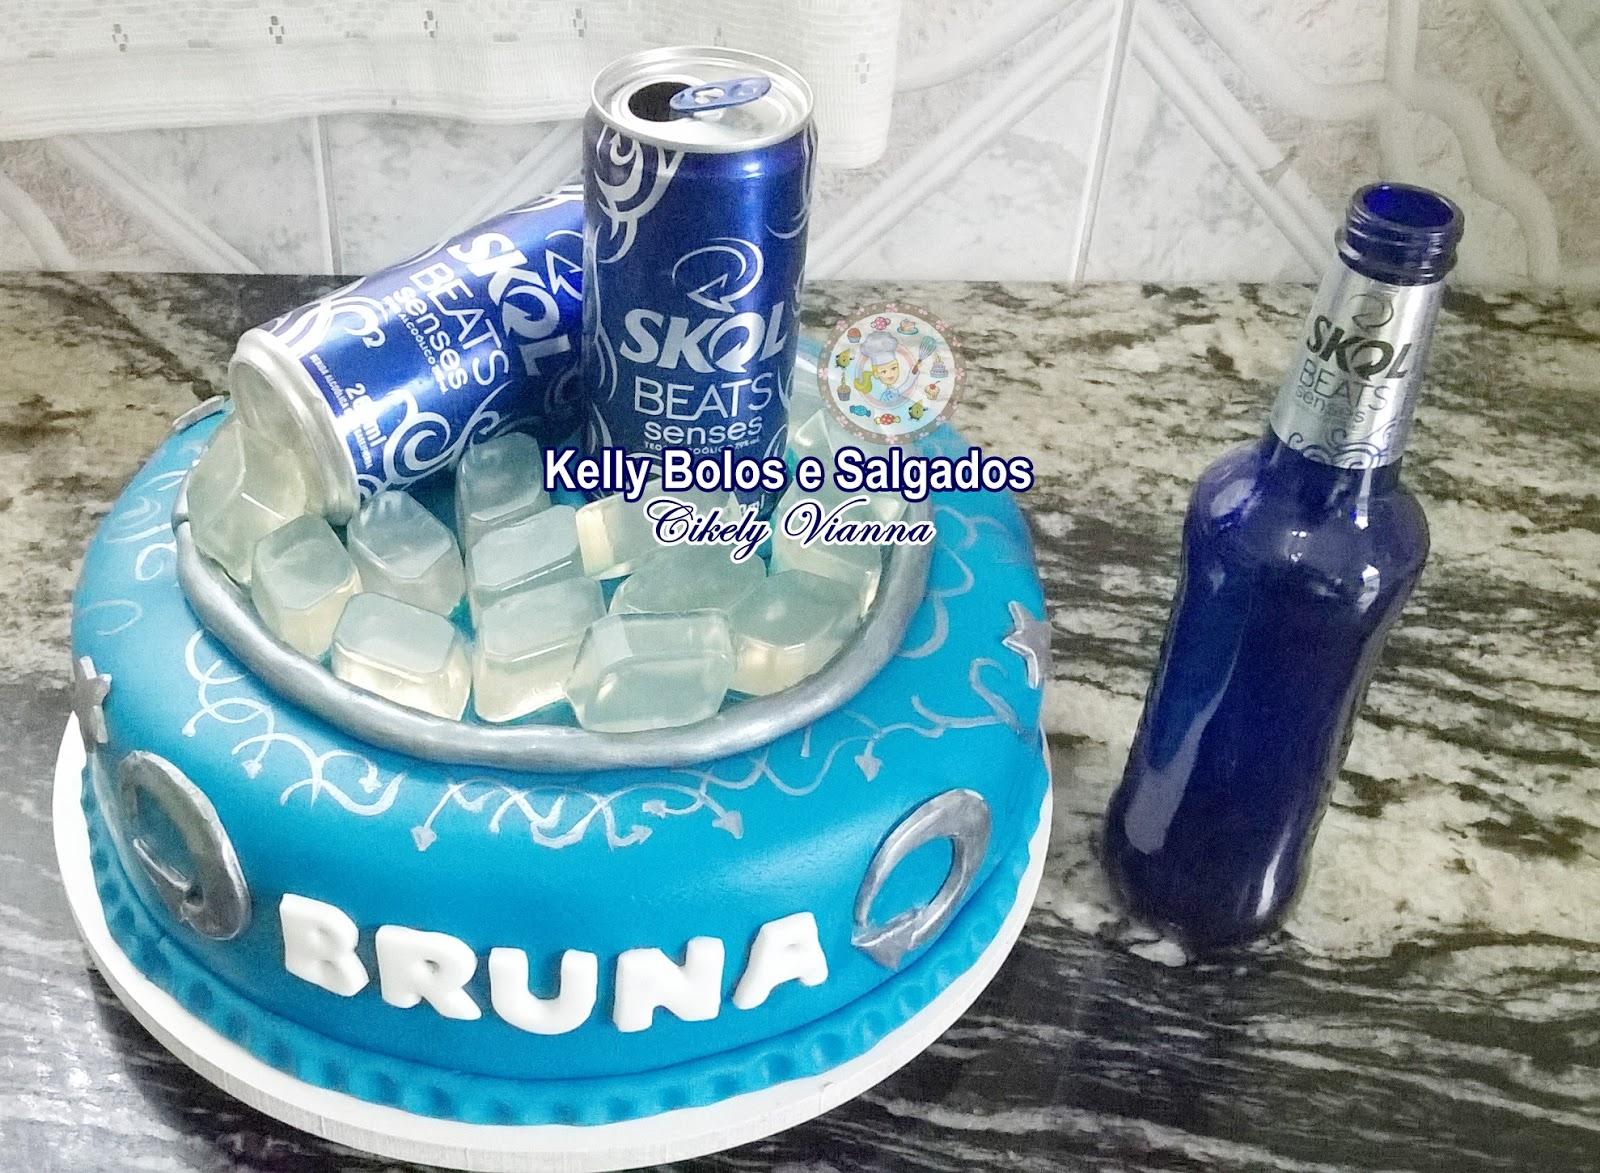 Suficiente Kelly Bolos e Salgados: Bolo Cerveja Skol Beats PK26